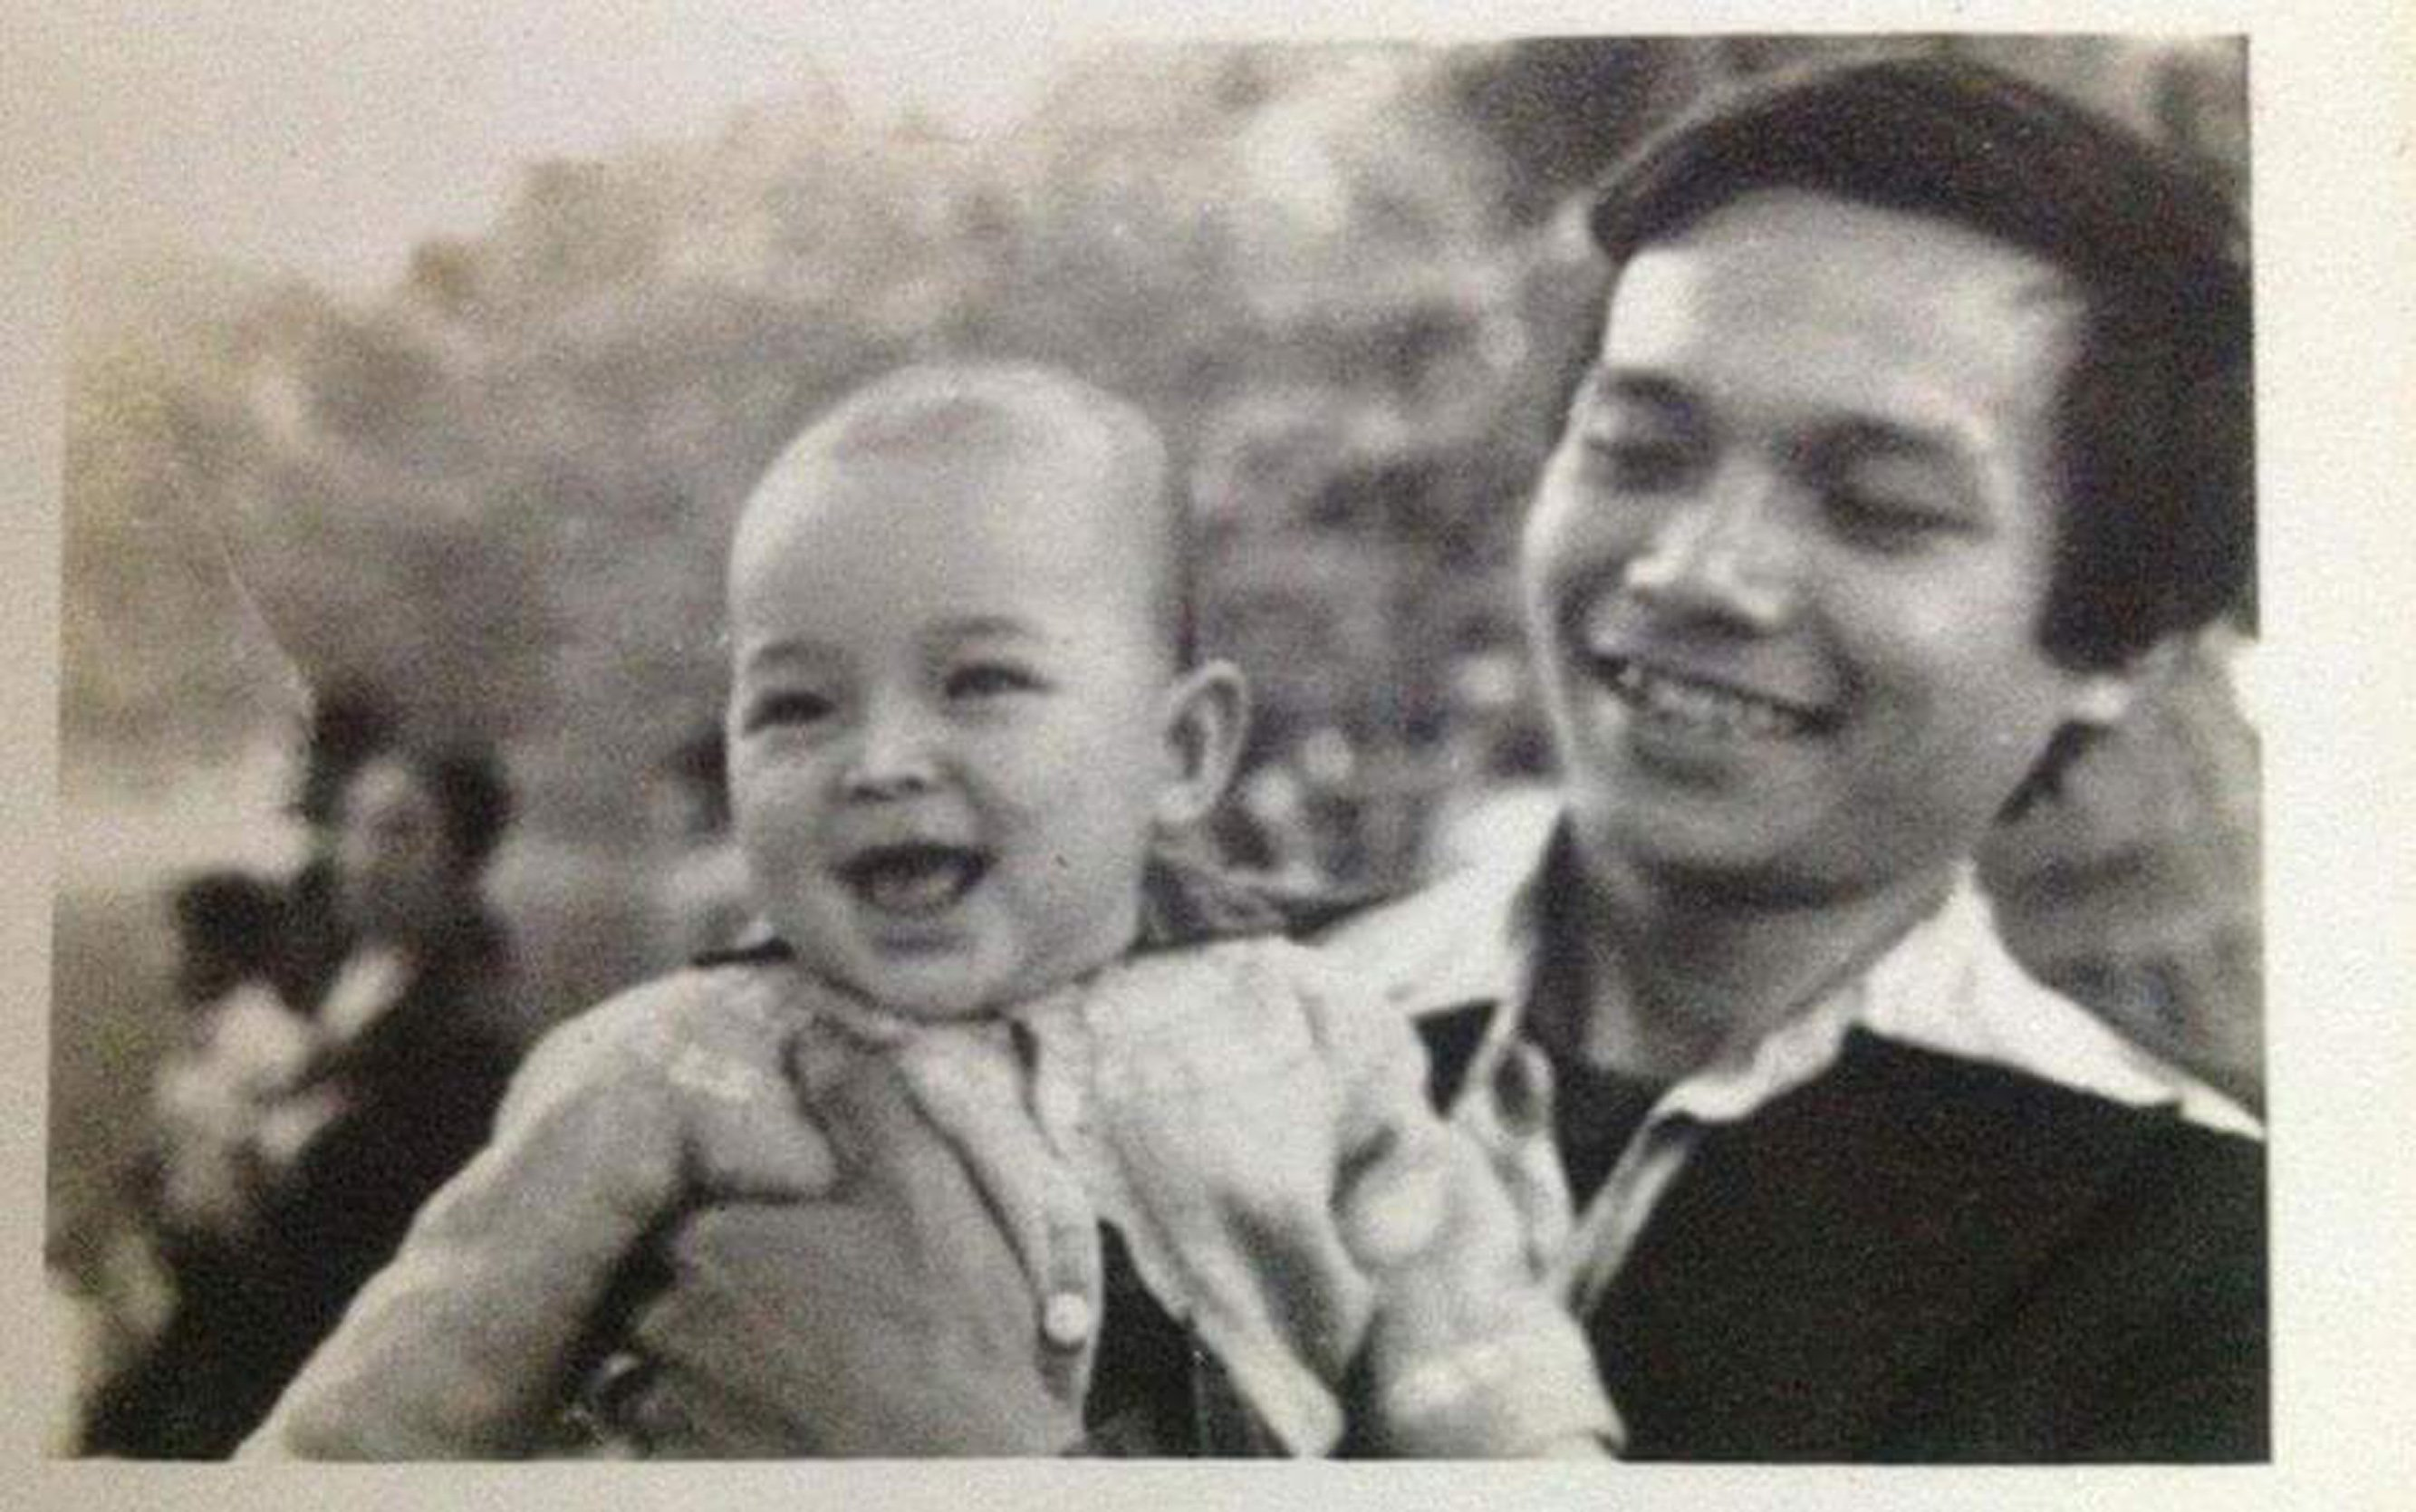 Nathan Lee khoe ảnh độc cùng người cha đại sứ Trương Triều Dương  1